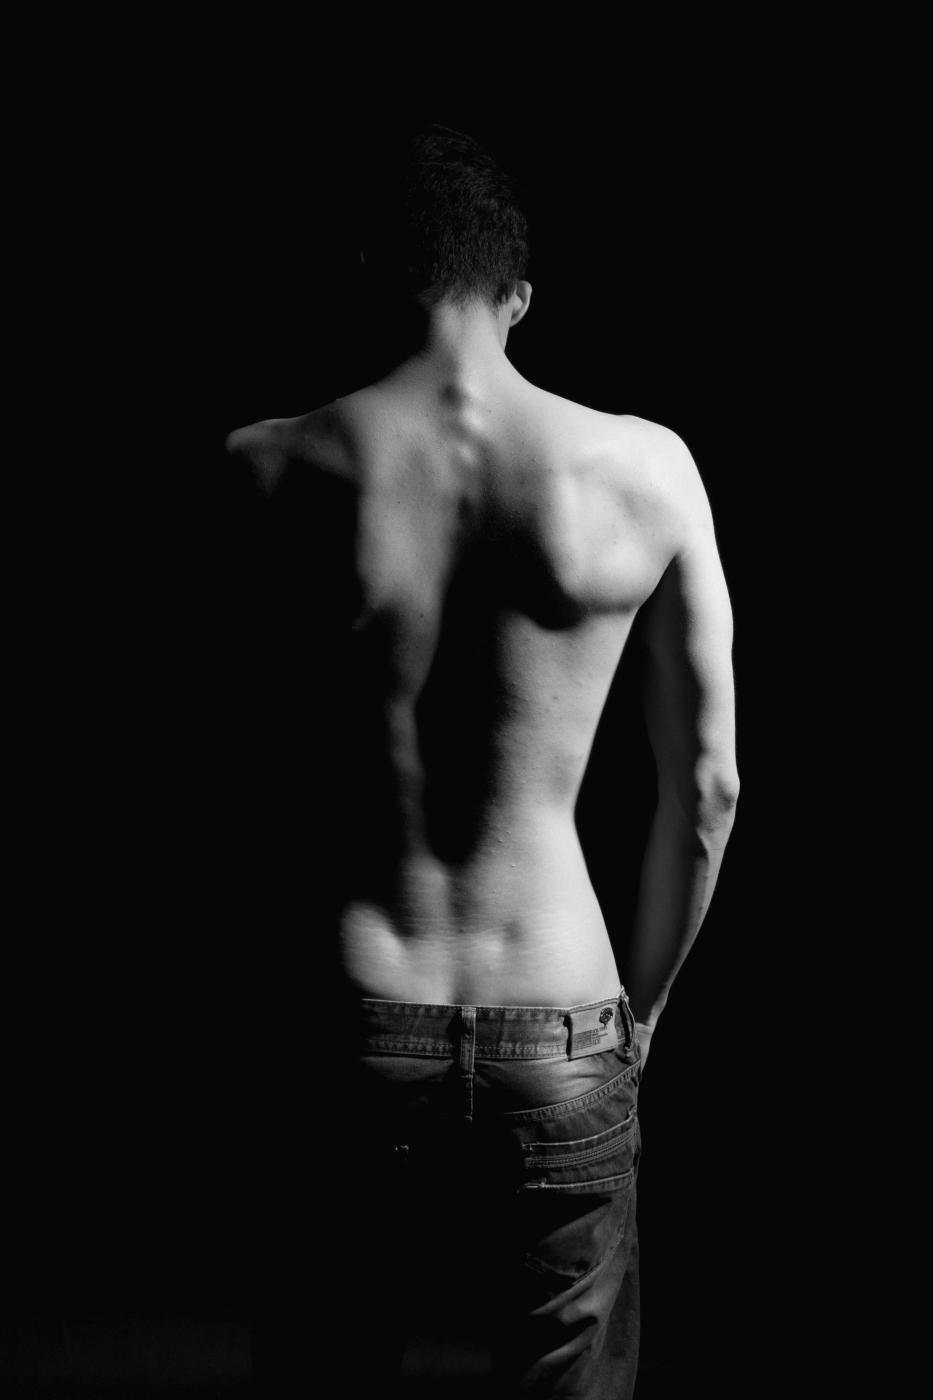 Фото обнажённое мужское тело 5 фотография